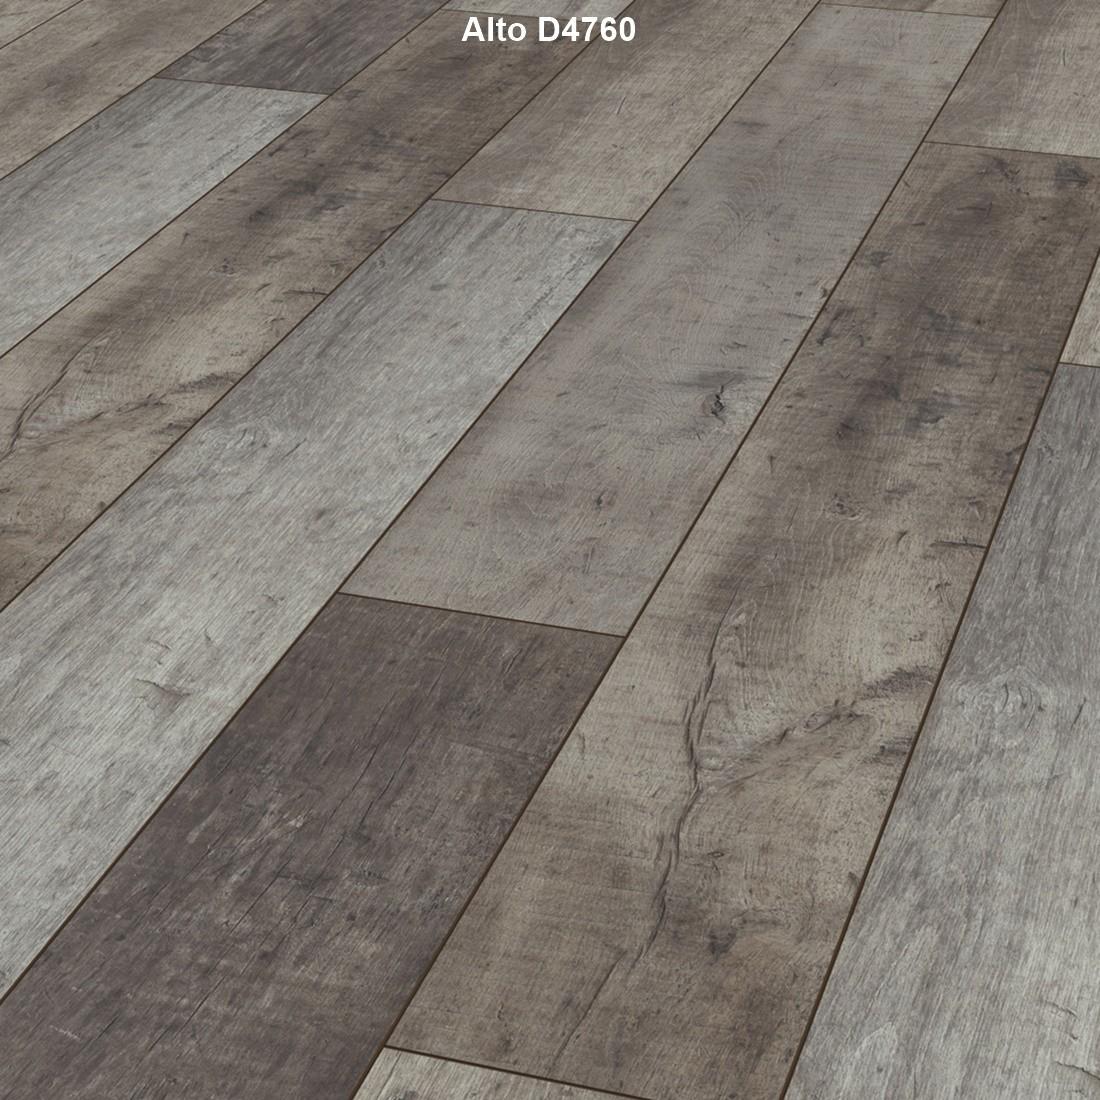 kronotex komplettangebot laminat exquisit lhd 4 v fuge 15. Black Bedroom Furniture Sets. Home Design Ideas